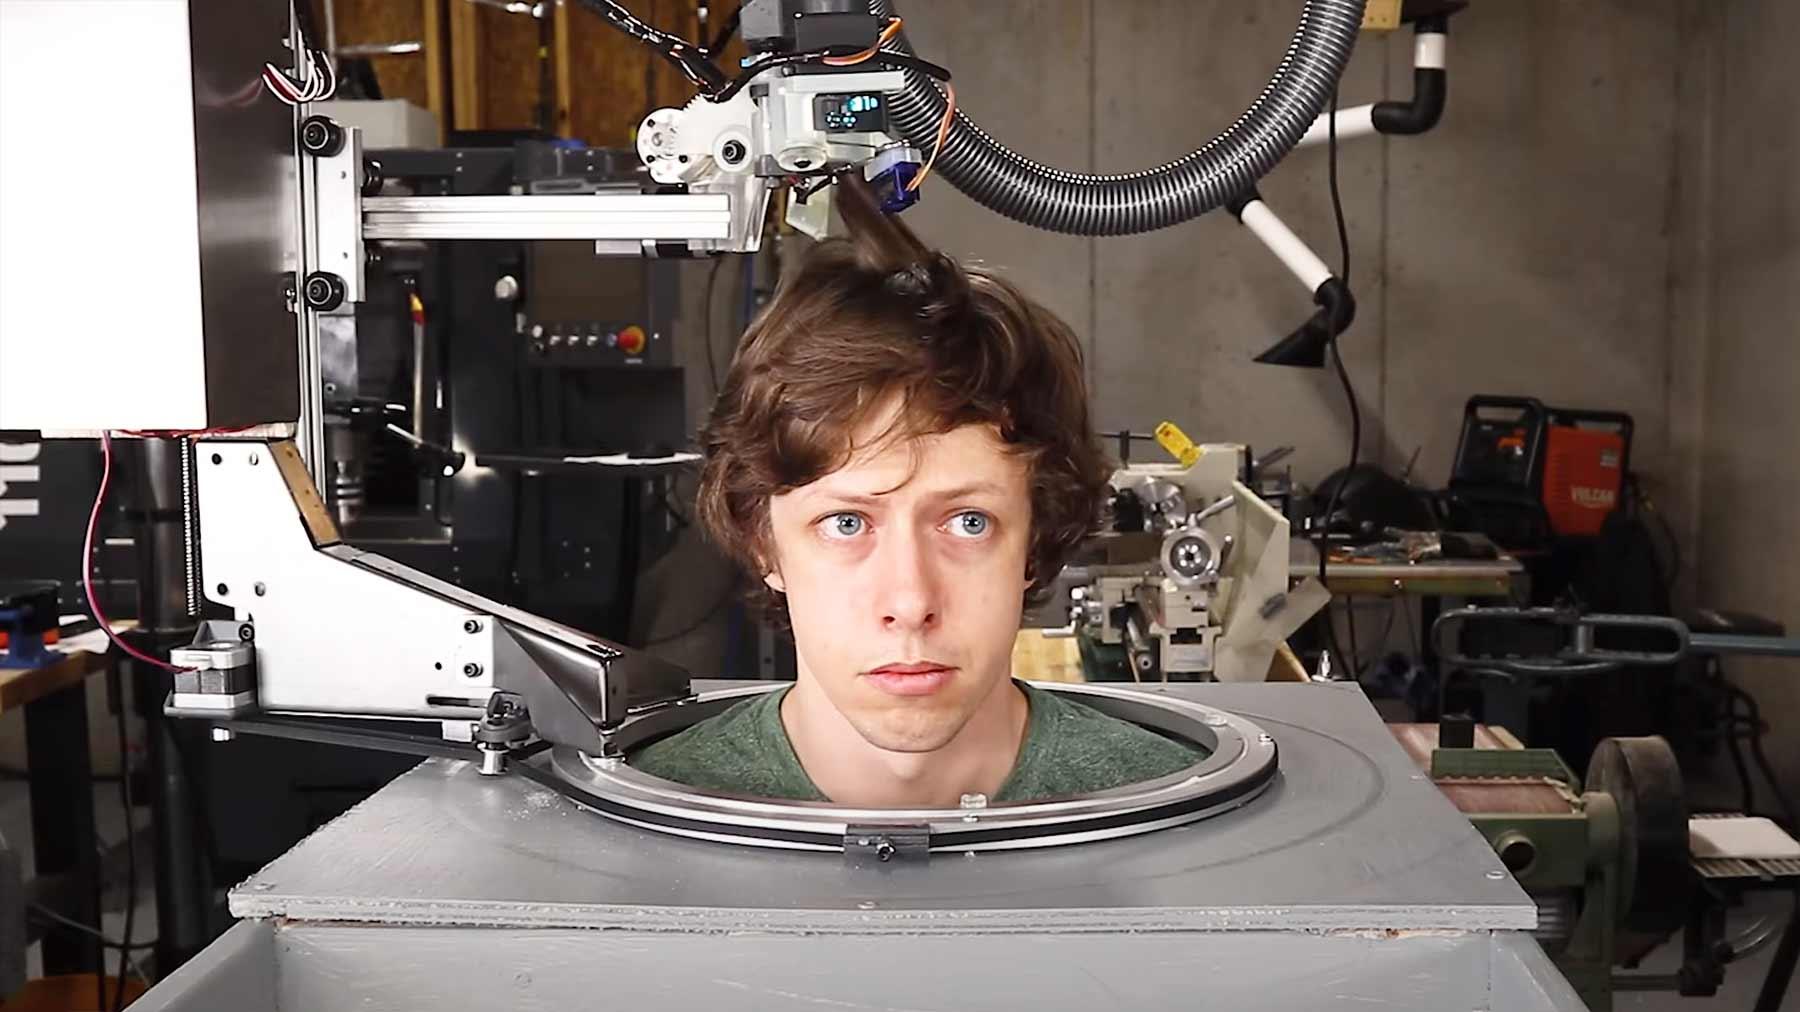 Selbst die Haare schneiden mit einem Friseur-Roboter